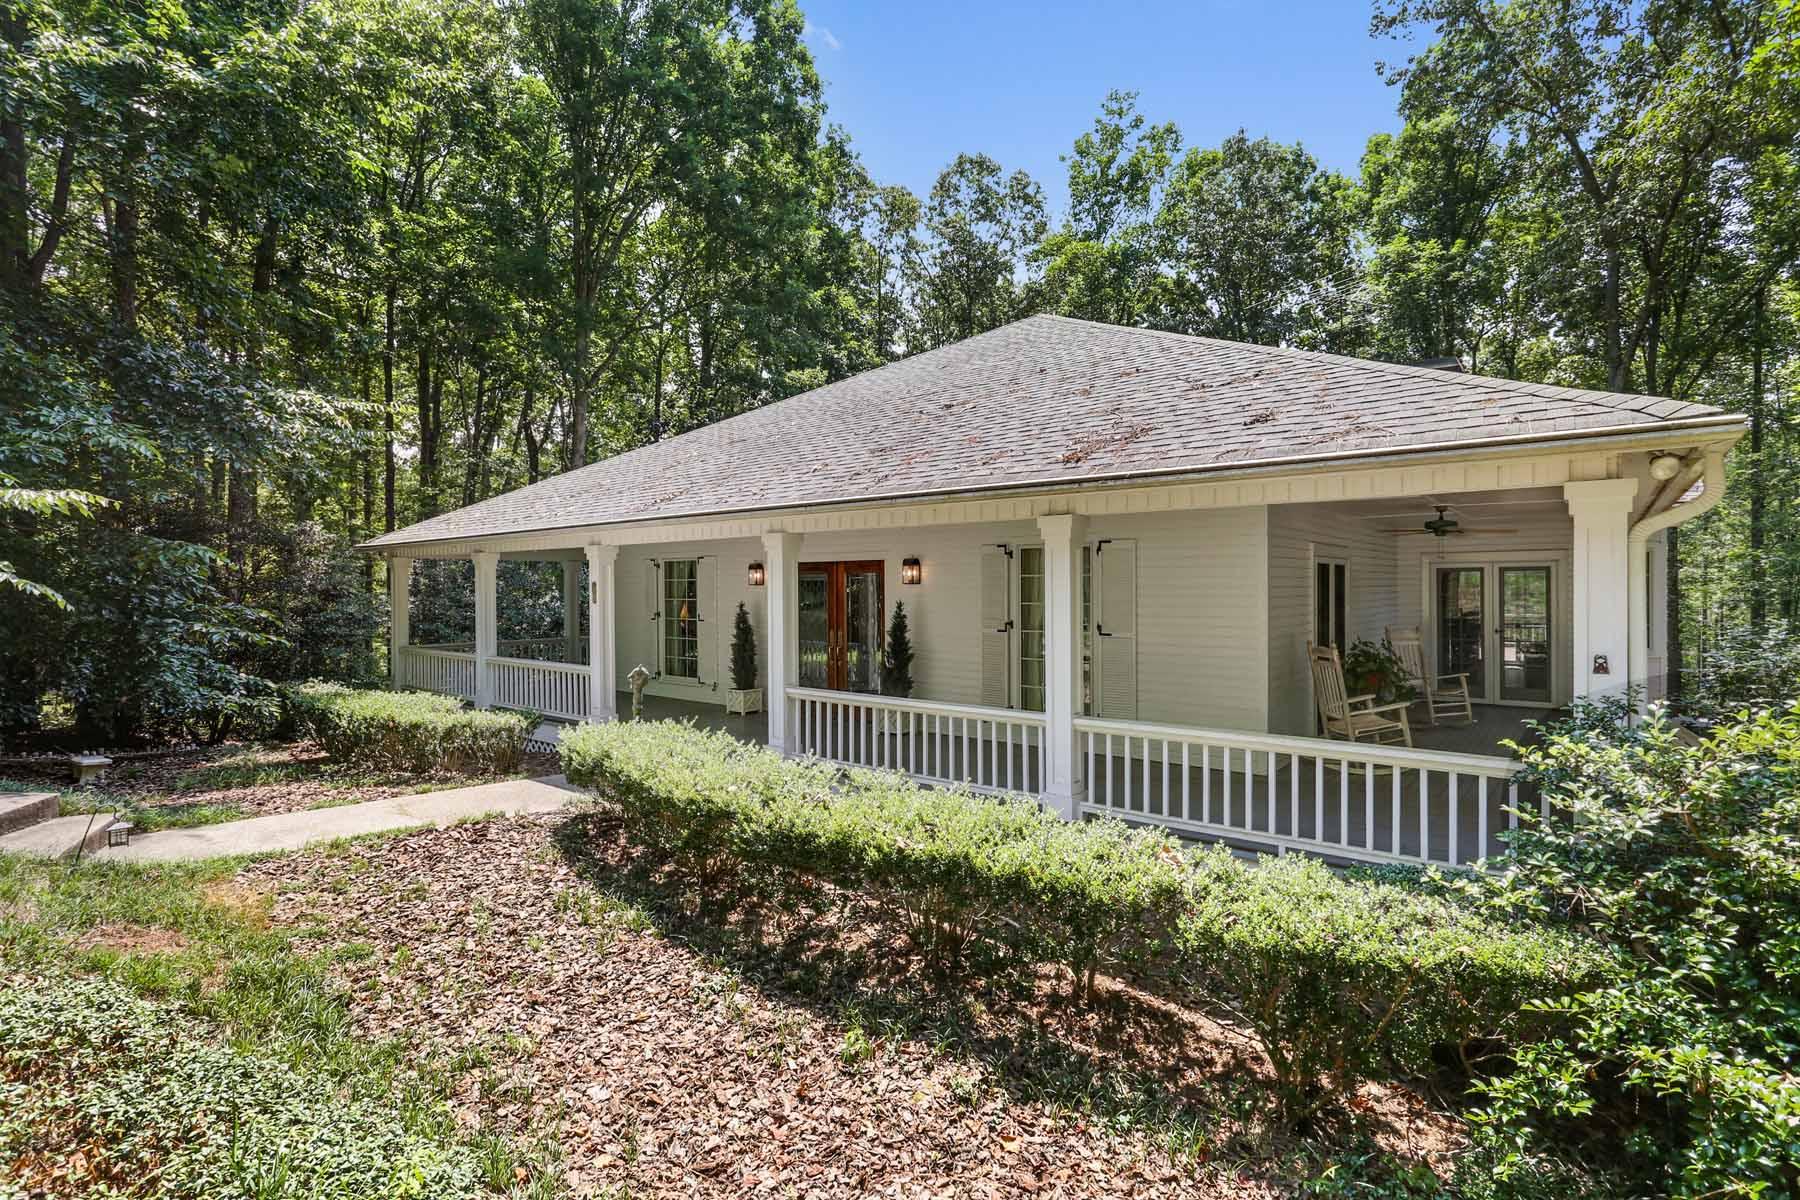 农场 / 牧场 / 种植园 为 销售 在 Equestrian Living in Milton 575 Hickory Flat Road 米尔顿, 乔治亚州, 30004 美国